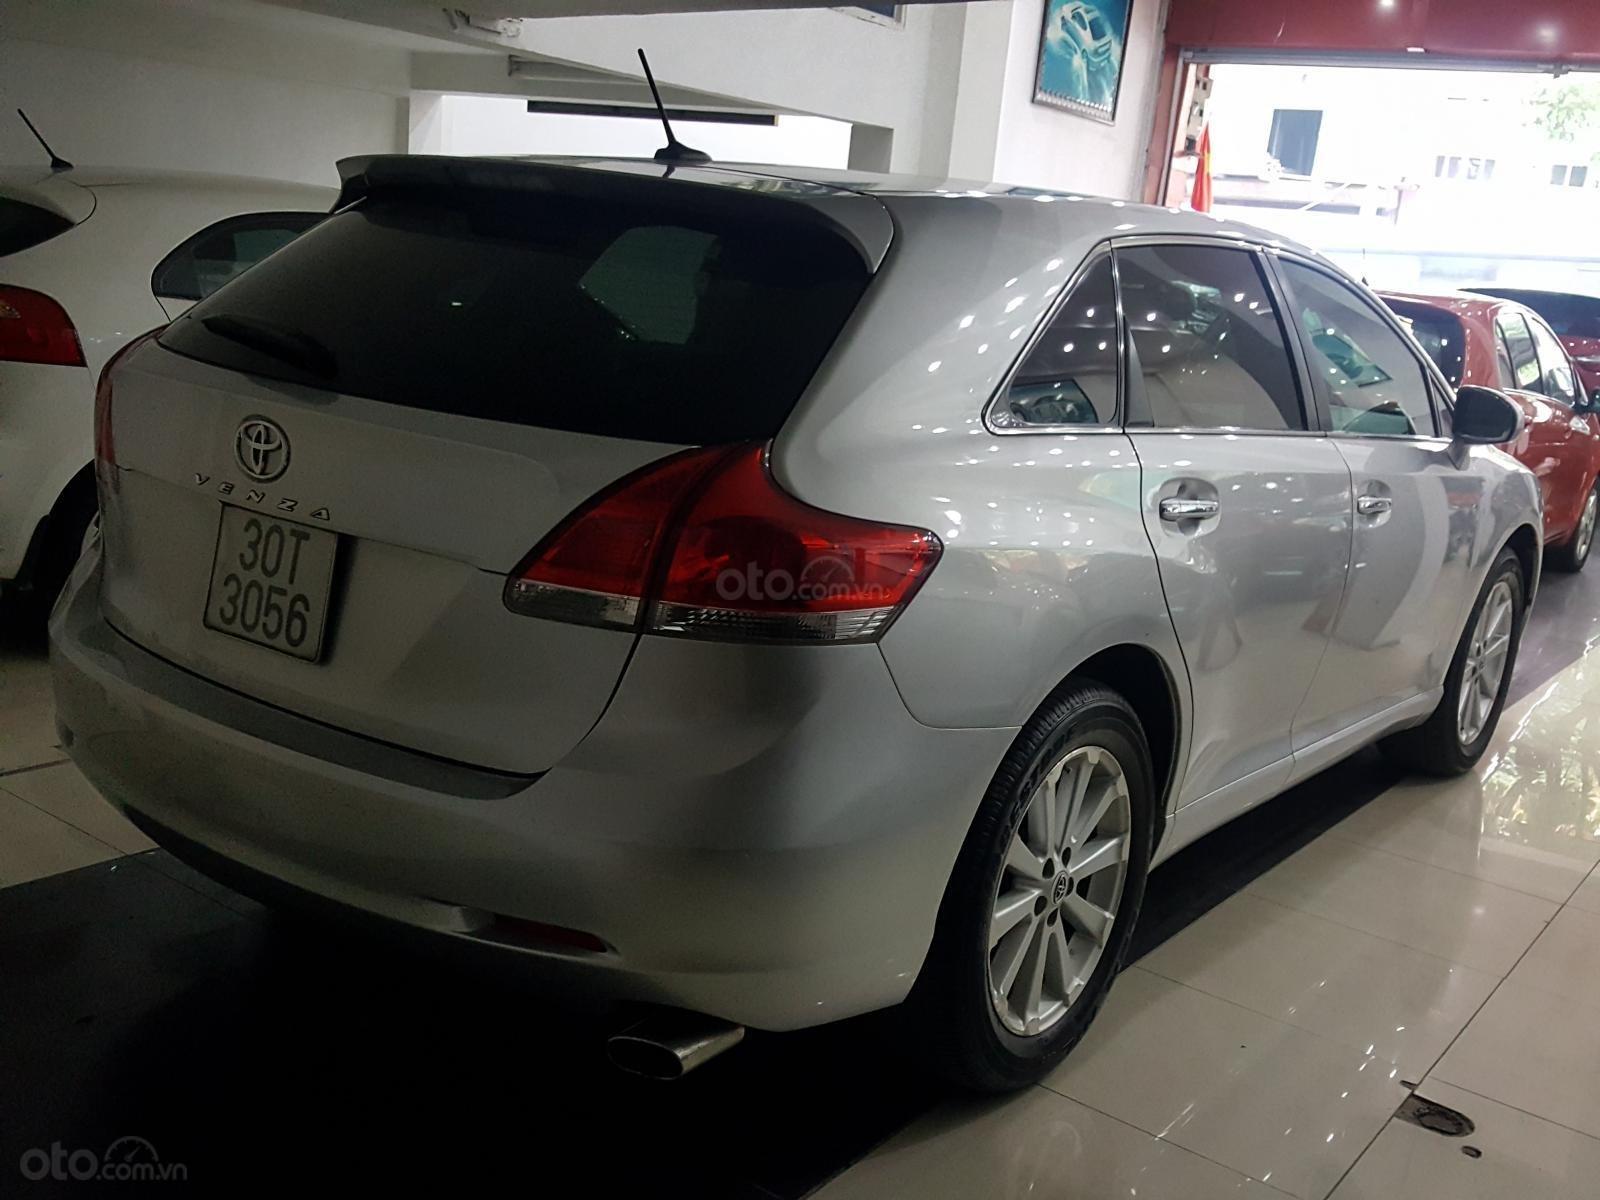 Cần bán Toyota Venza sản xuất 2009 bản full kịch, 1 chủ đi từ mới (2)